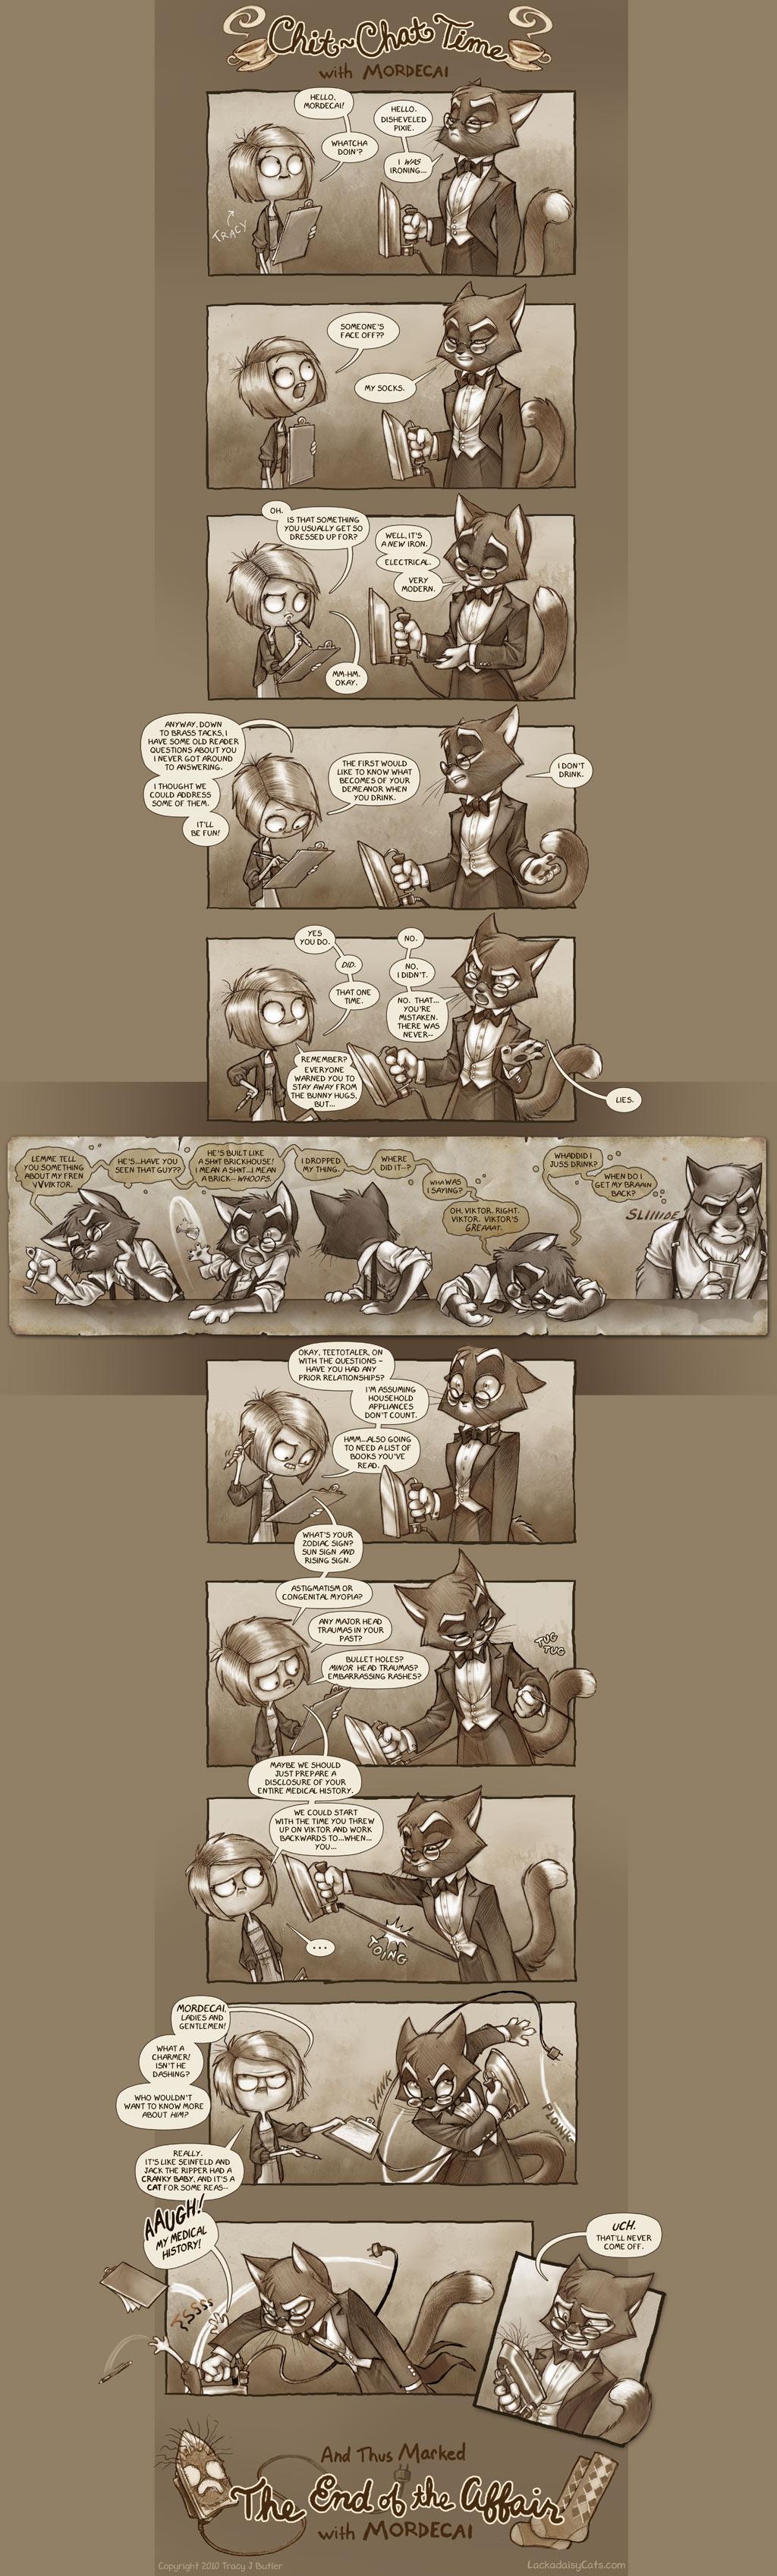 Lackadaisy Bunny-hug by tracyjb